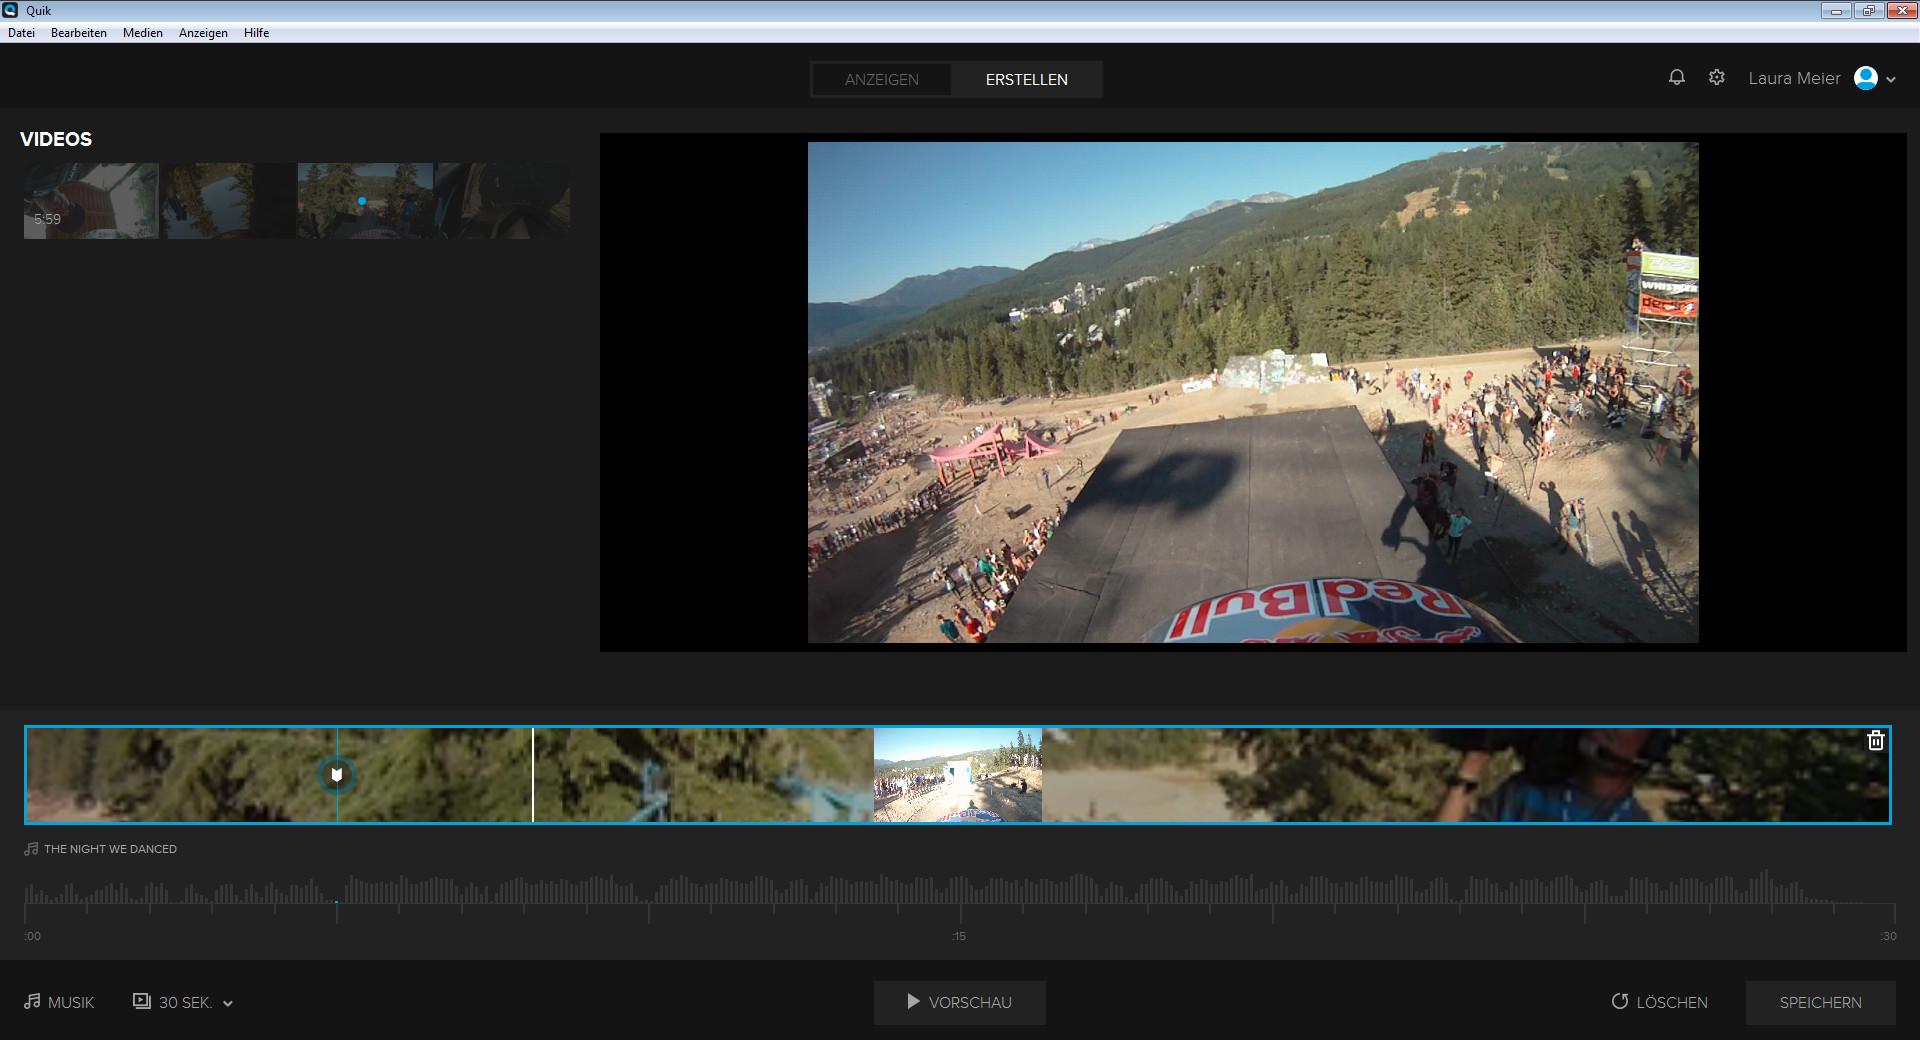 Screenshot 1 - GoPro Quik Desktop-App (GoPro Studio)